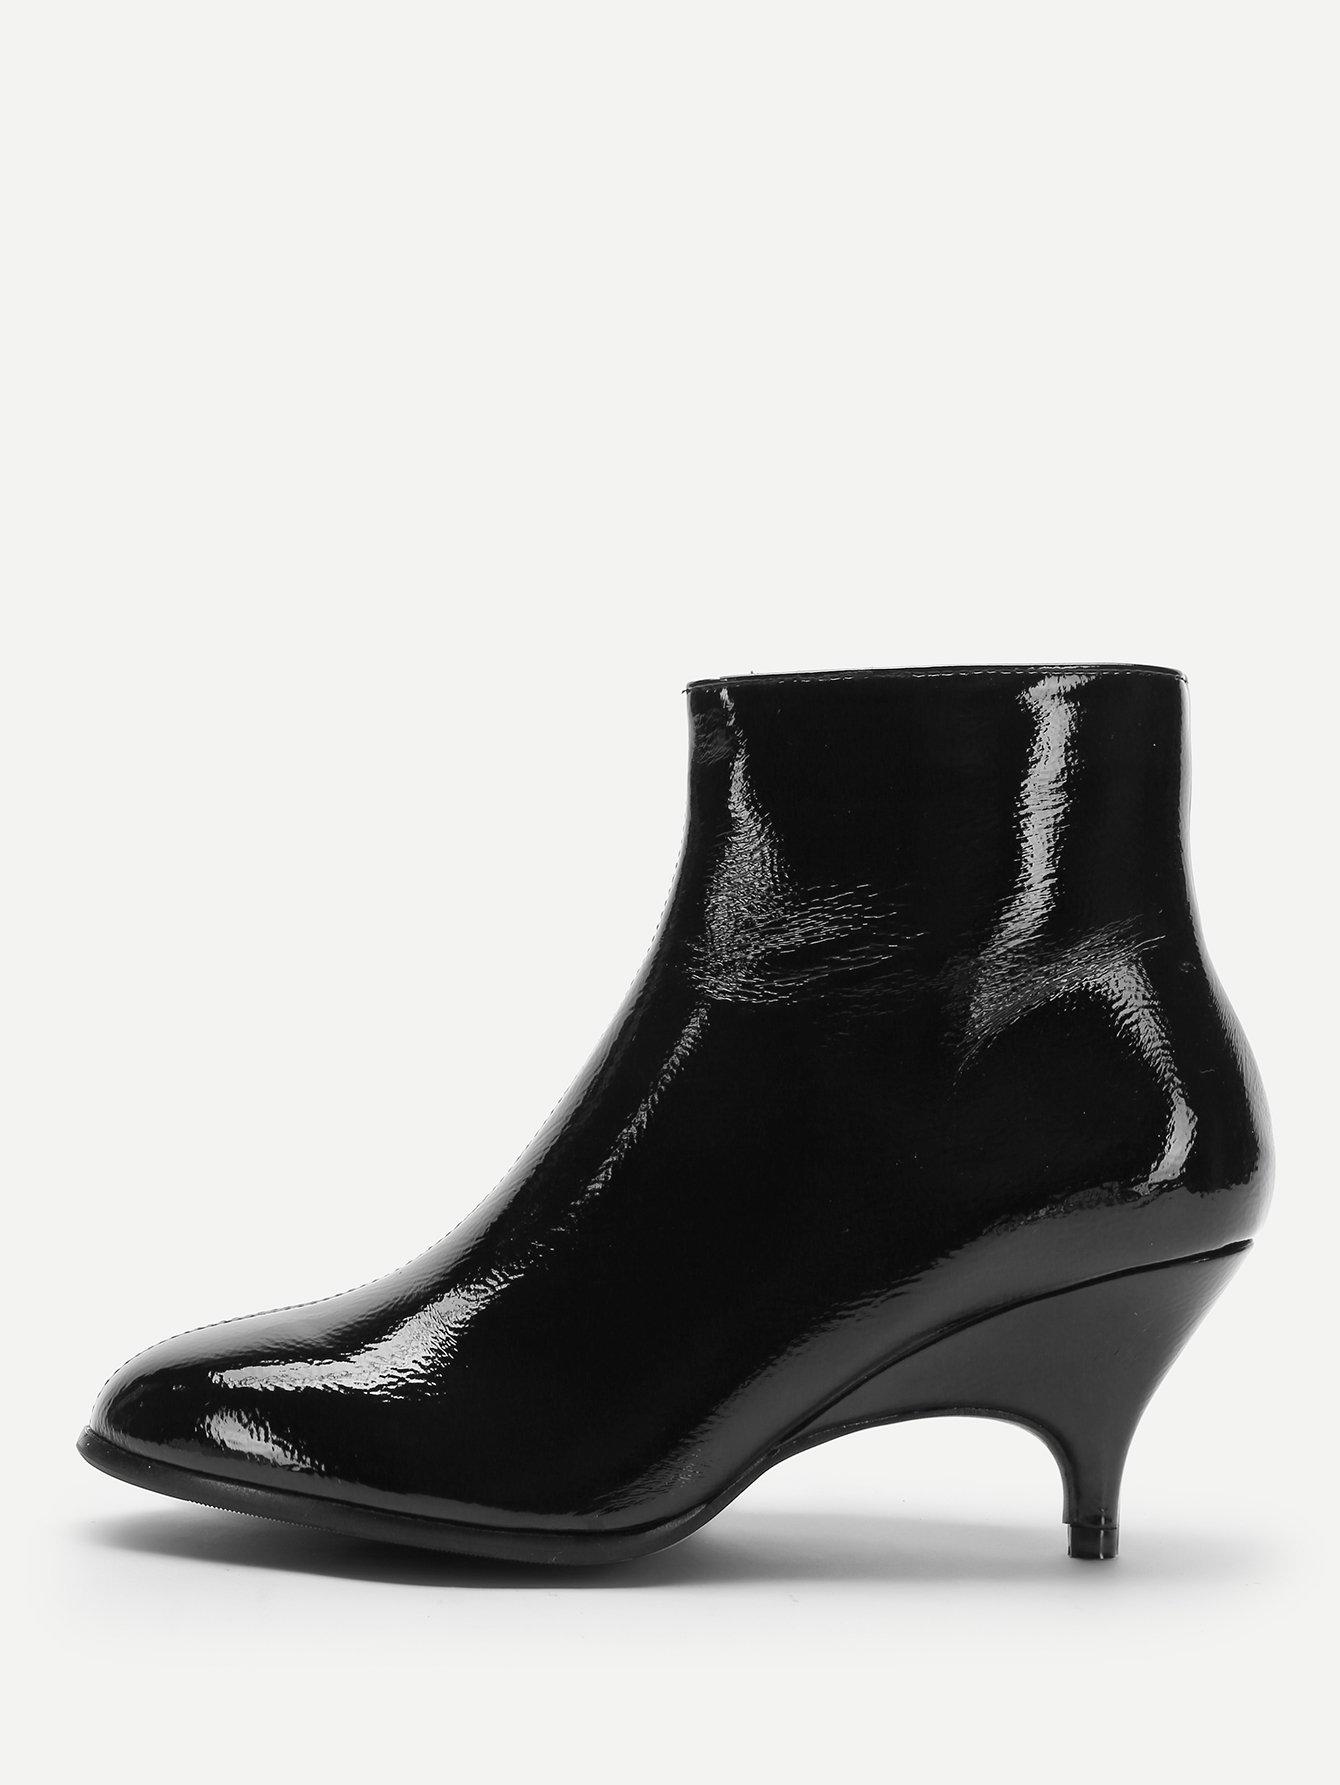 Купить Однотонные вязаные сапоги на высоких каблуках, null, SheIn